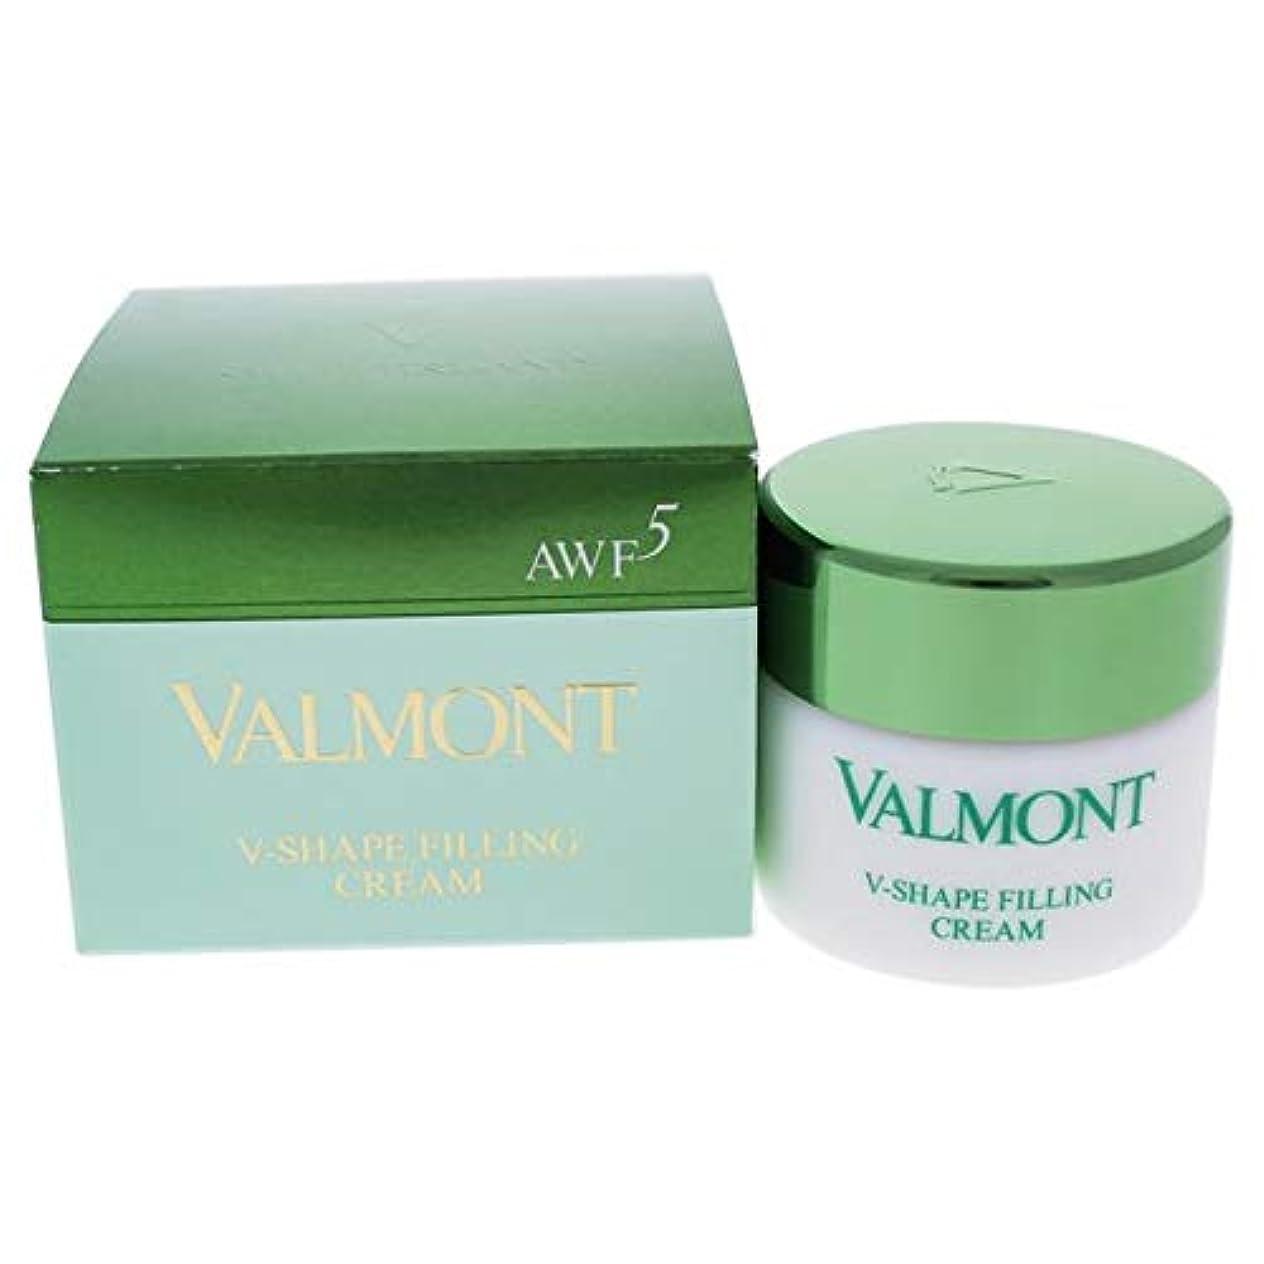 締め切りギャンブル指導するヴァルモン AWF5 V-Shape Filling Cream 50ml/1.7oz並行輸入品